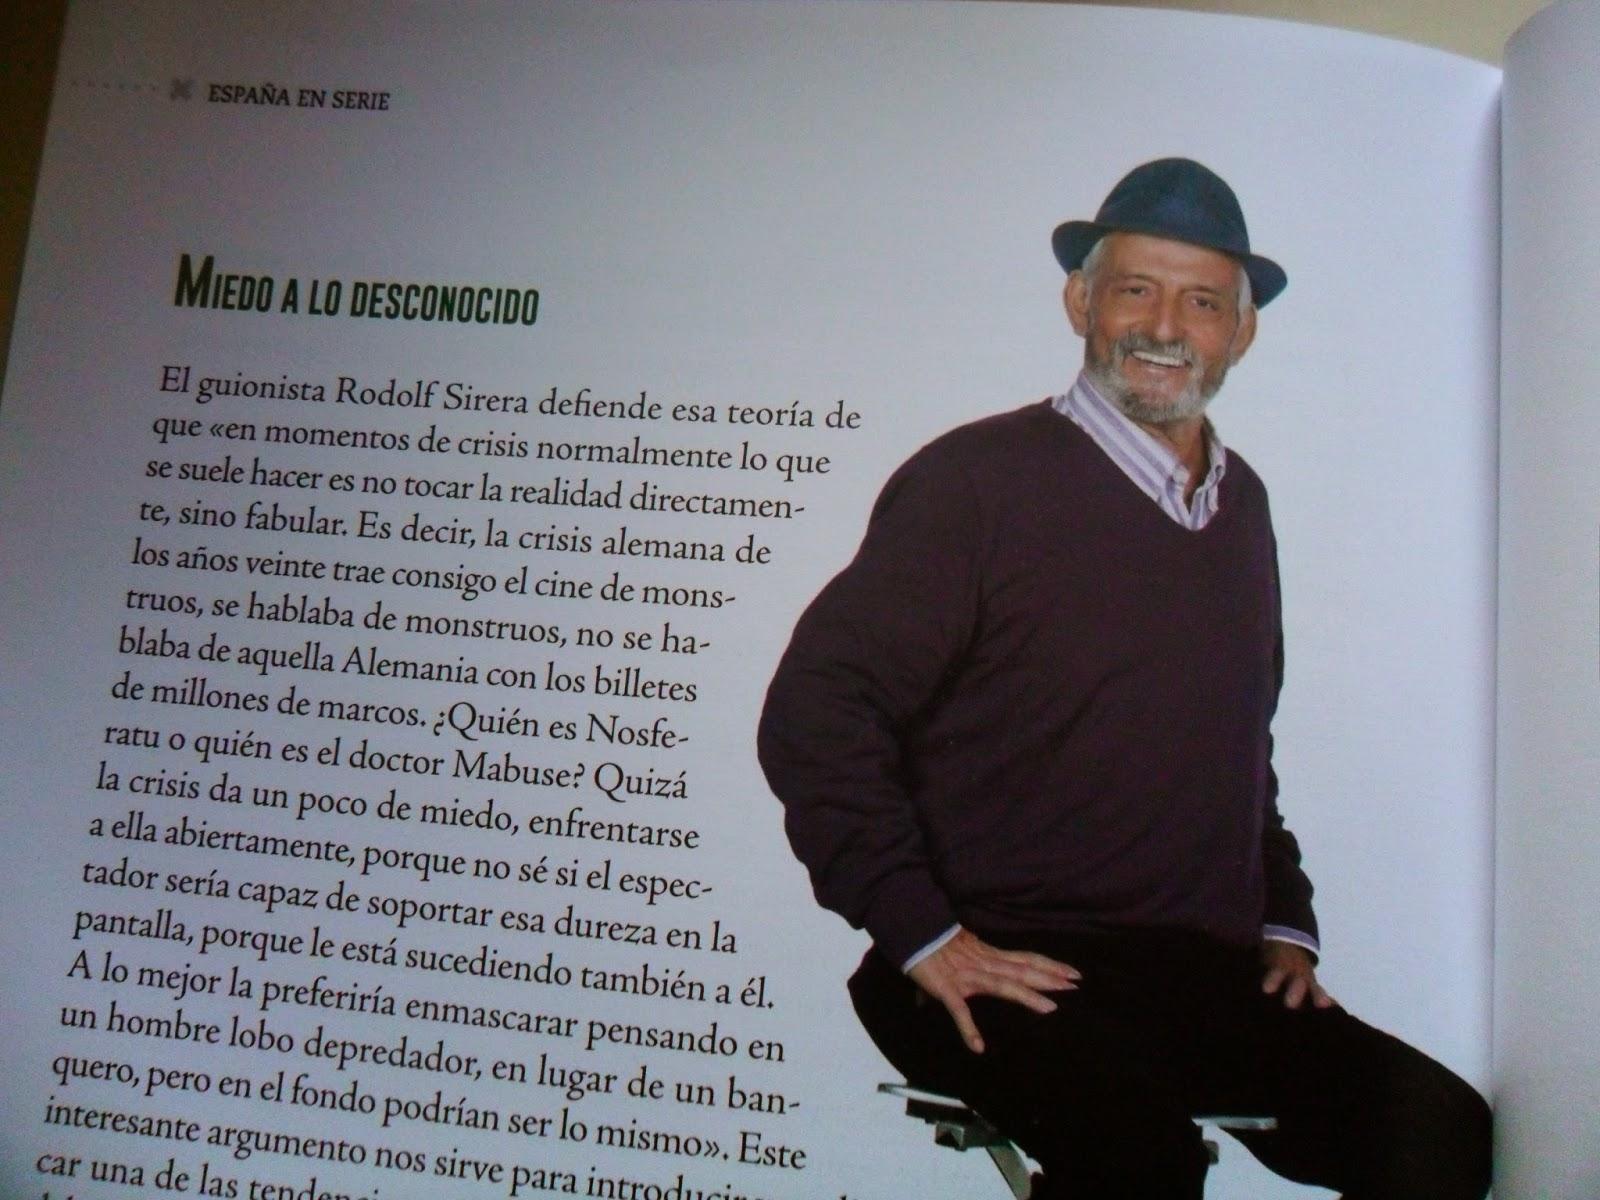 El actor murió poco después de grabar el documental, Cuéntame, Curro Jiménez, Crematorio